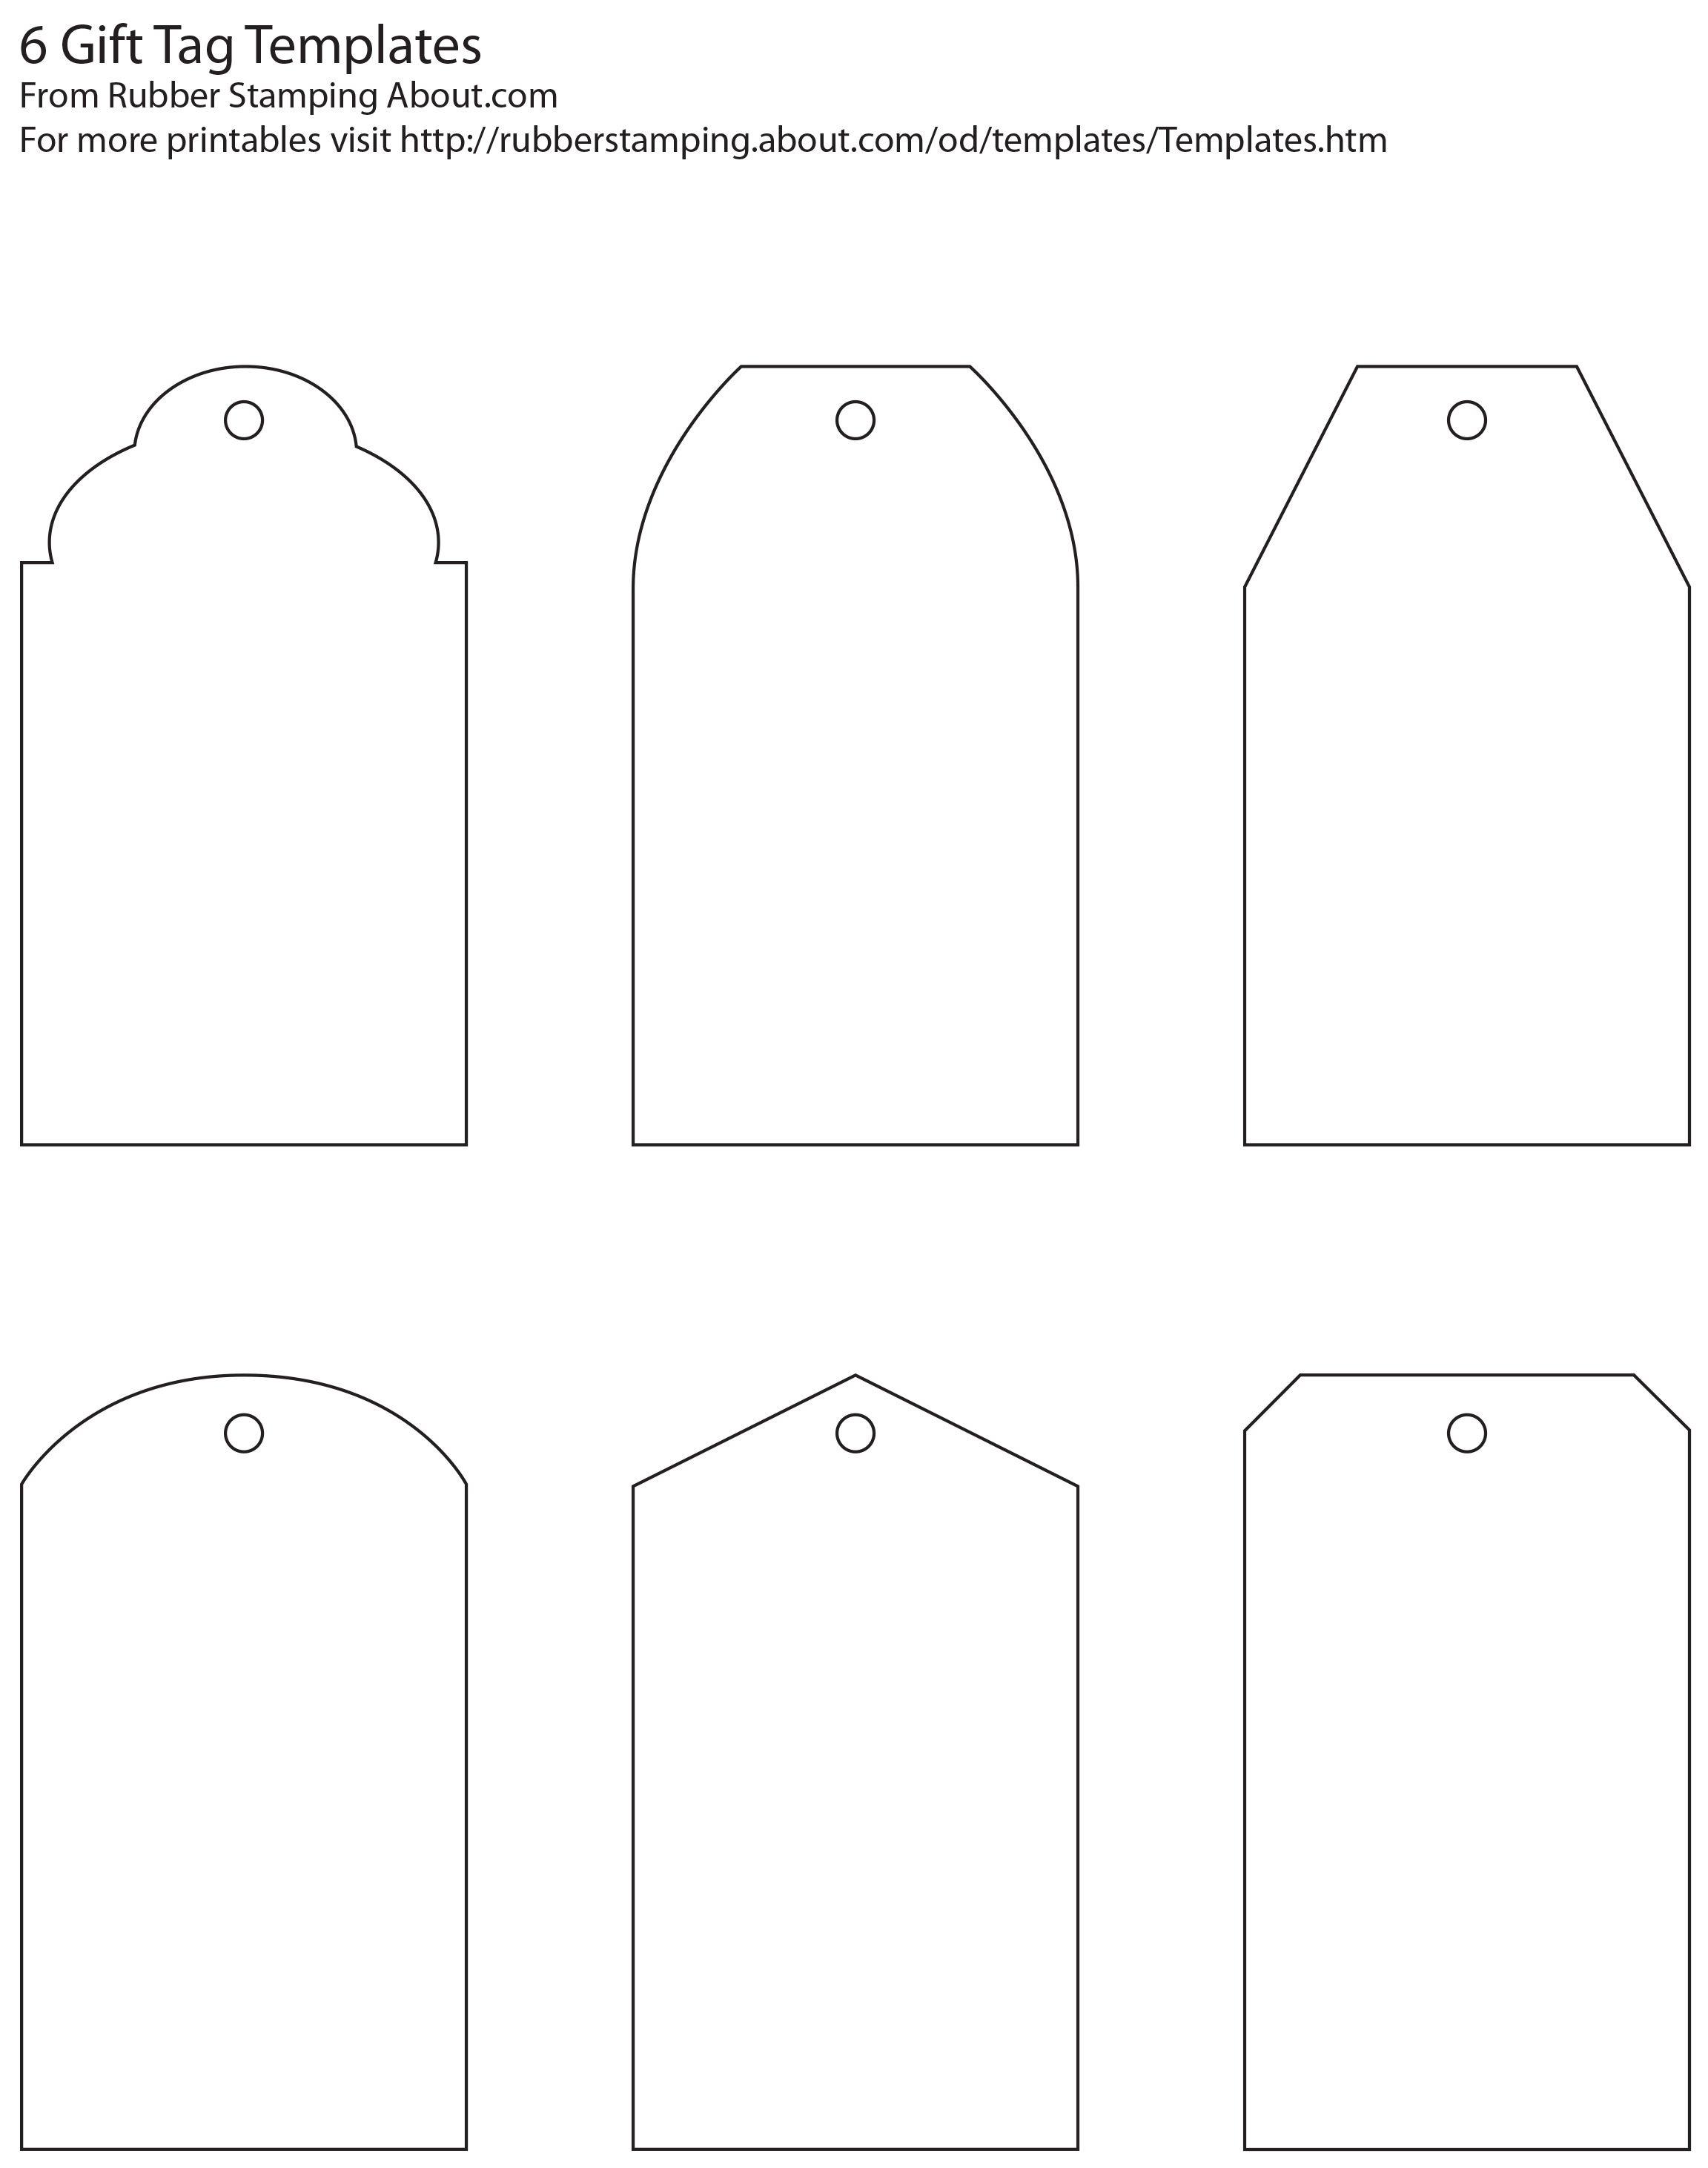 Free And Whimsical Printable Gift Tag Templates | Great Idea - Free Printable Gift Tag Templates For Word